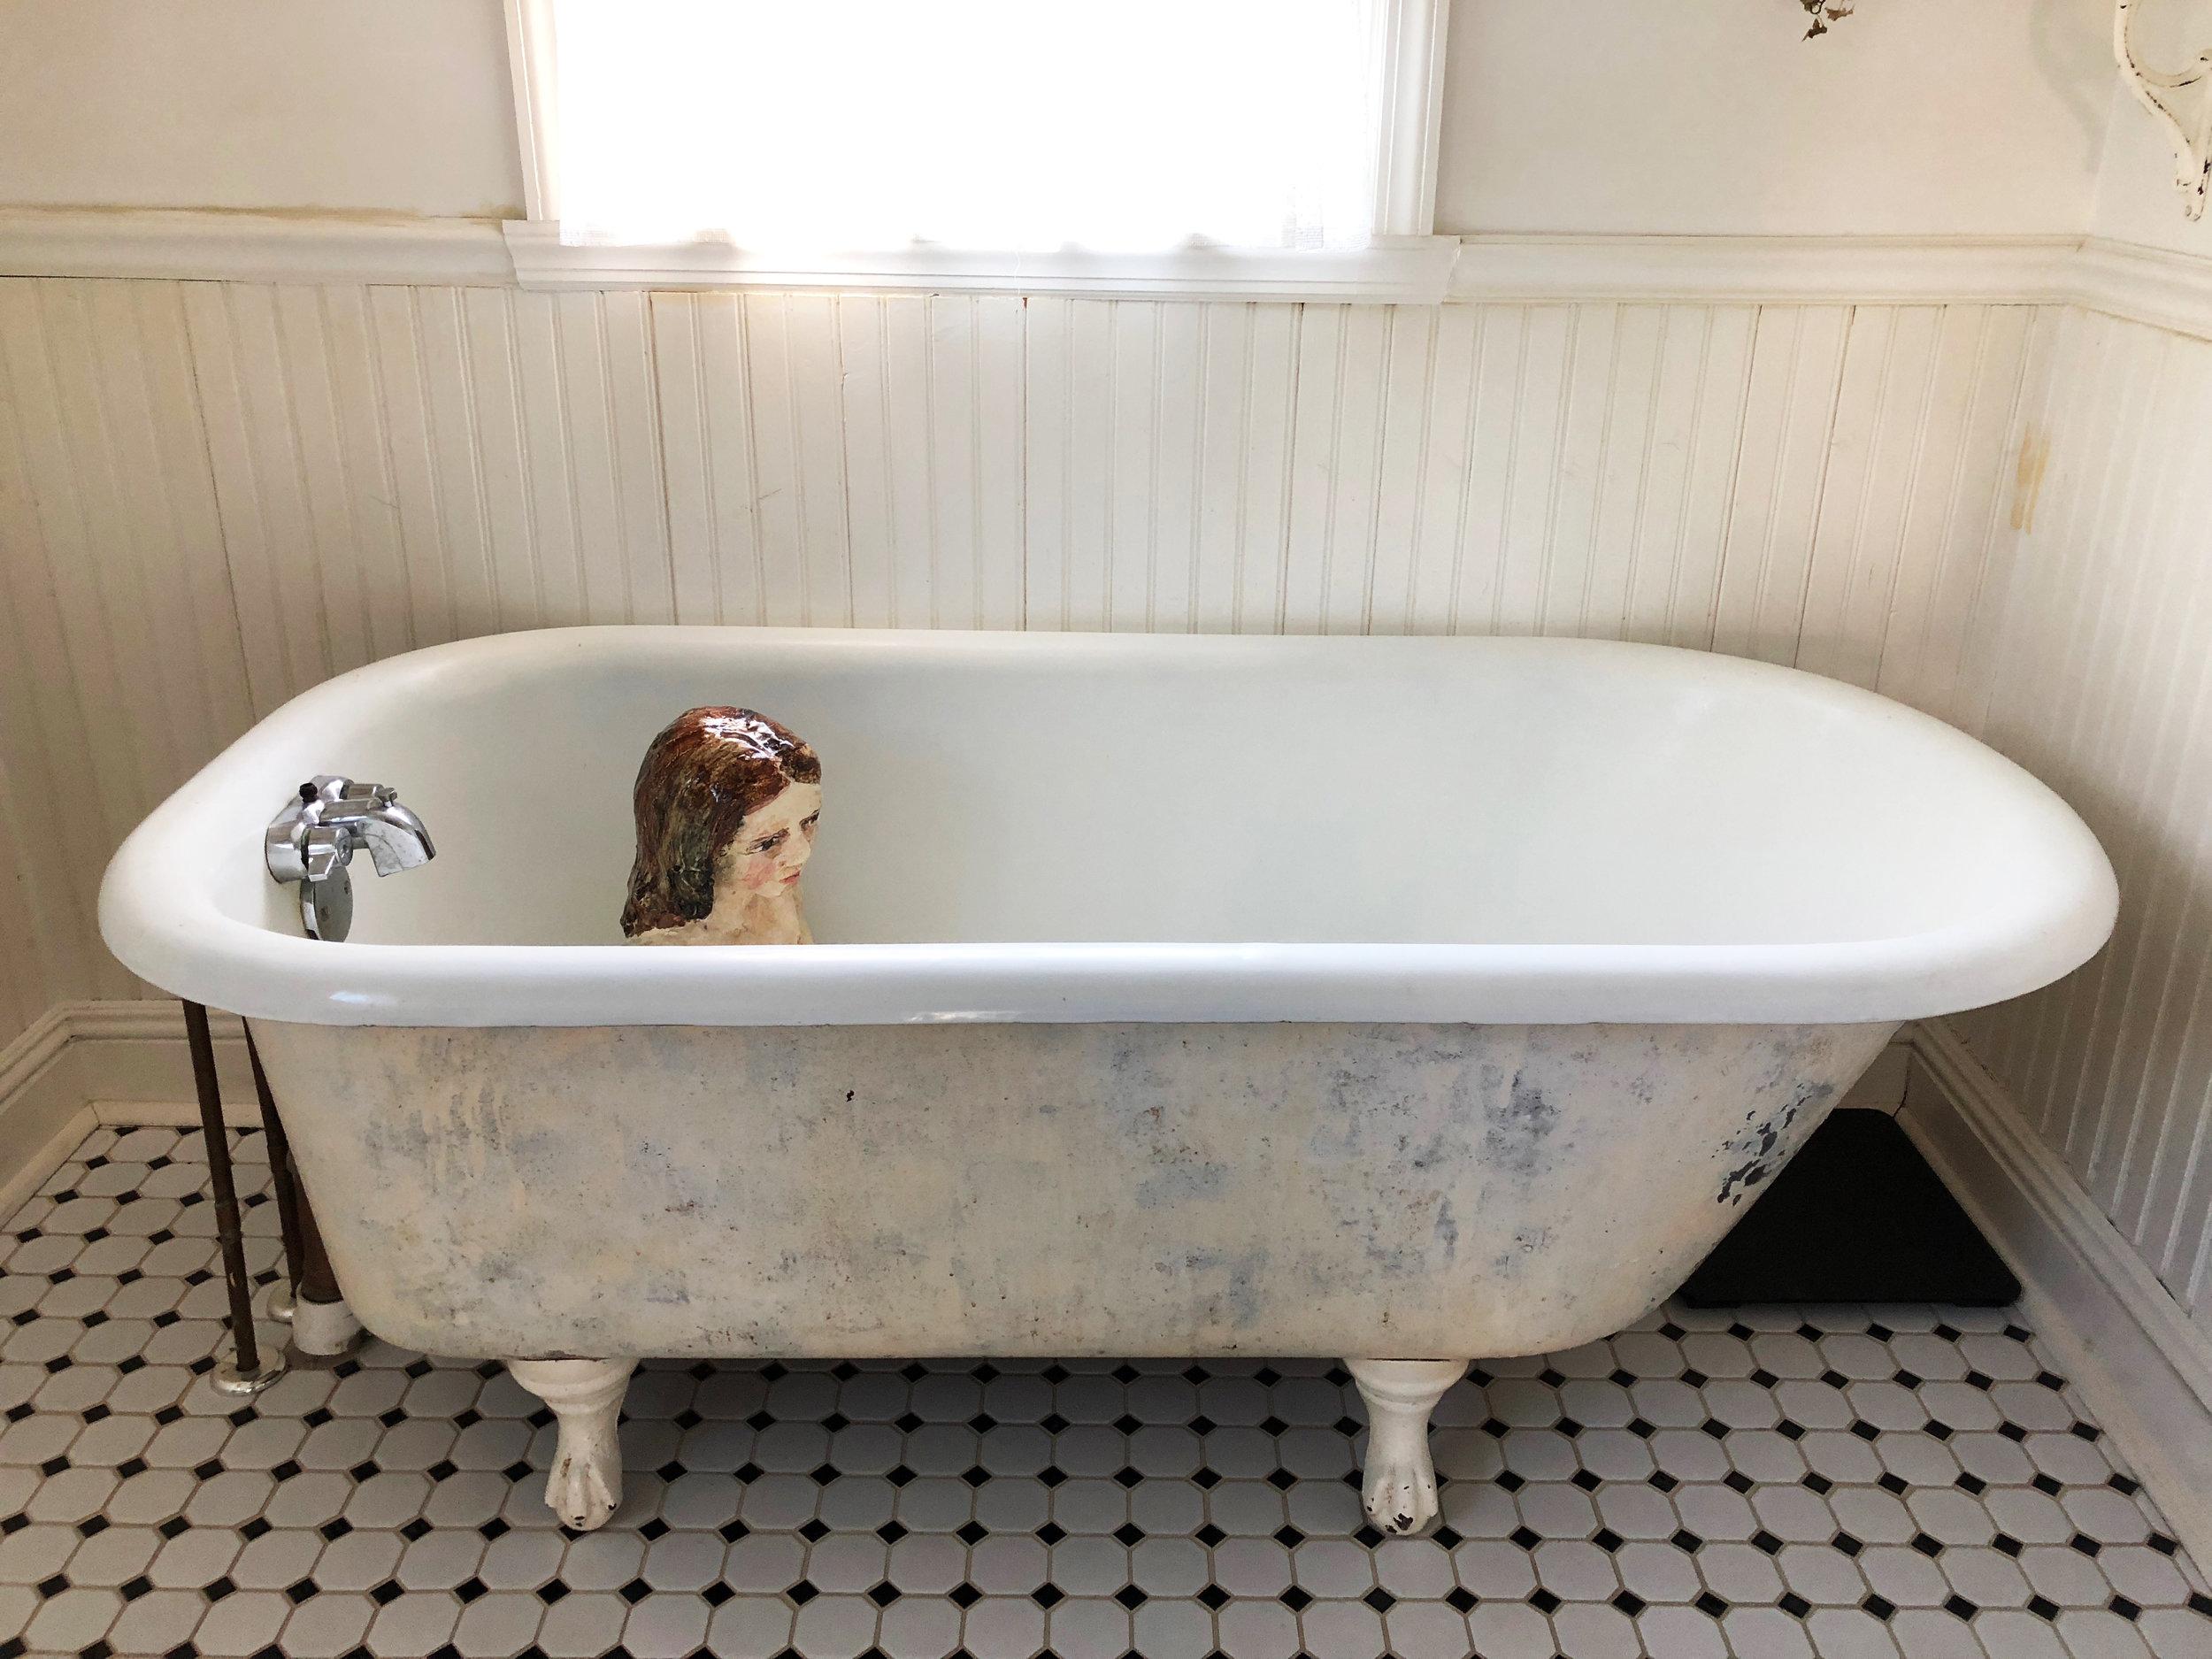 Wading (girl in bathtub), 2017, Glazed ceramic, 18 x 13 1/2 x 17 1/2 in.